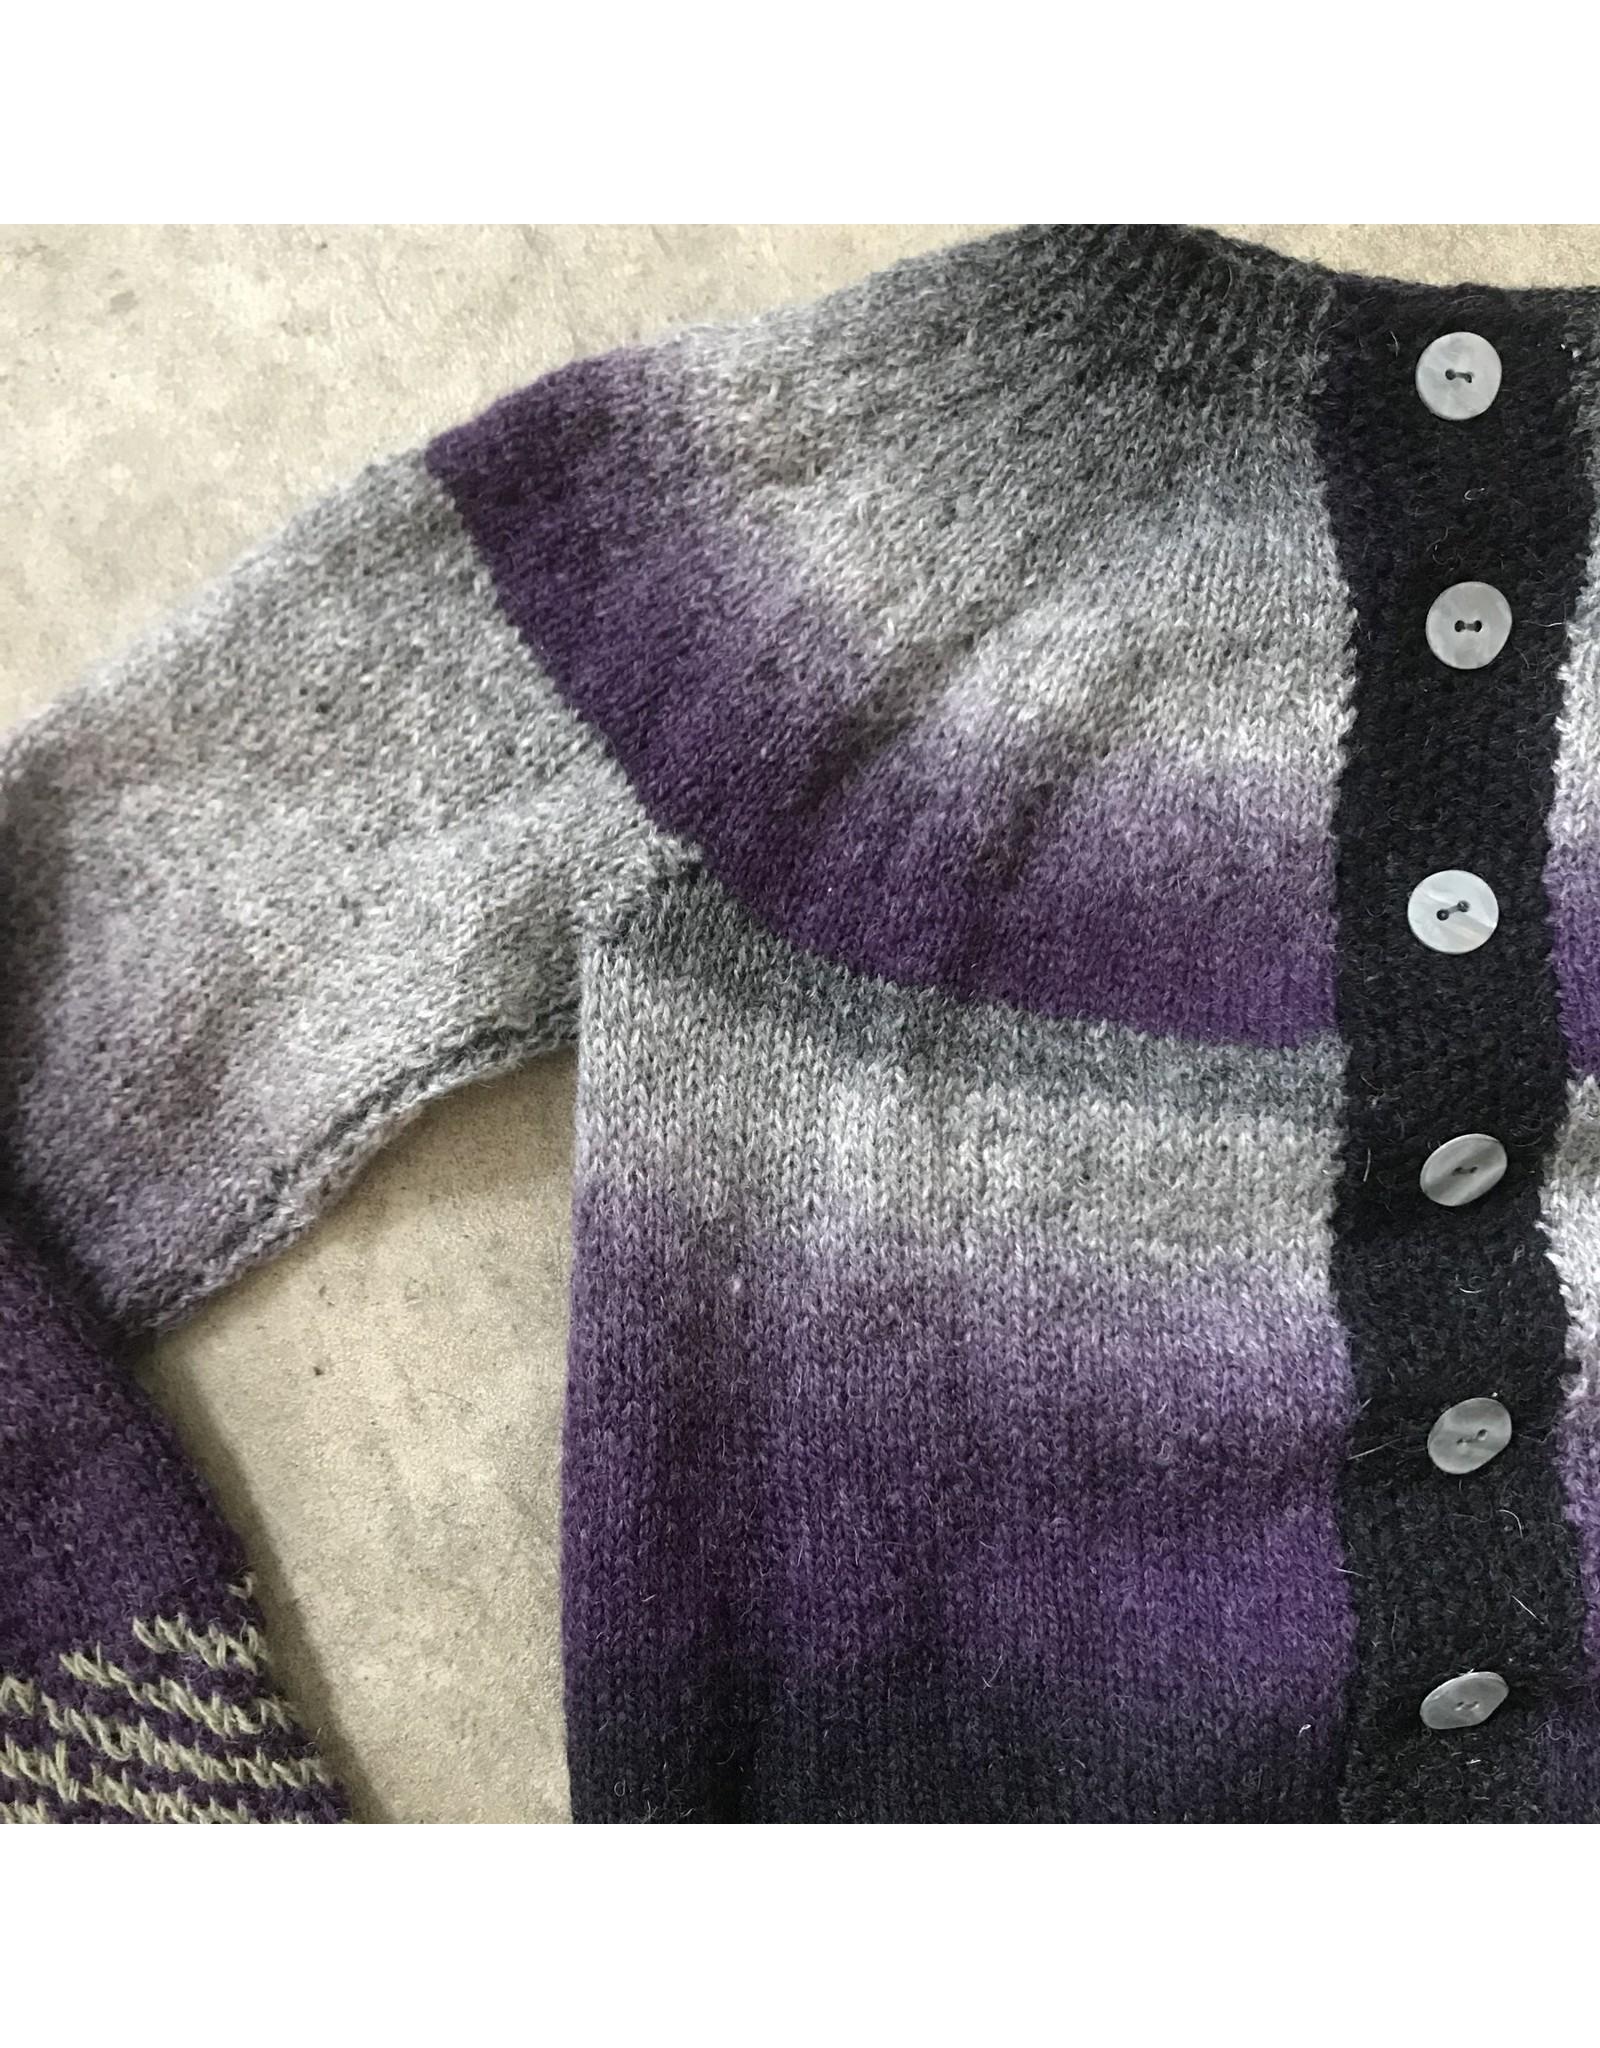 Devil May Wear Kepler Cardigan, 100% Wool, Small, Purple Haze